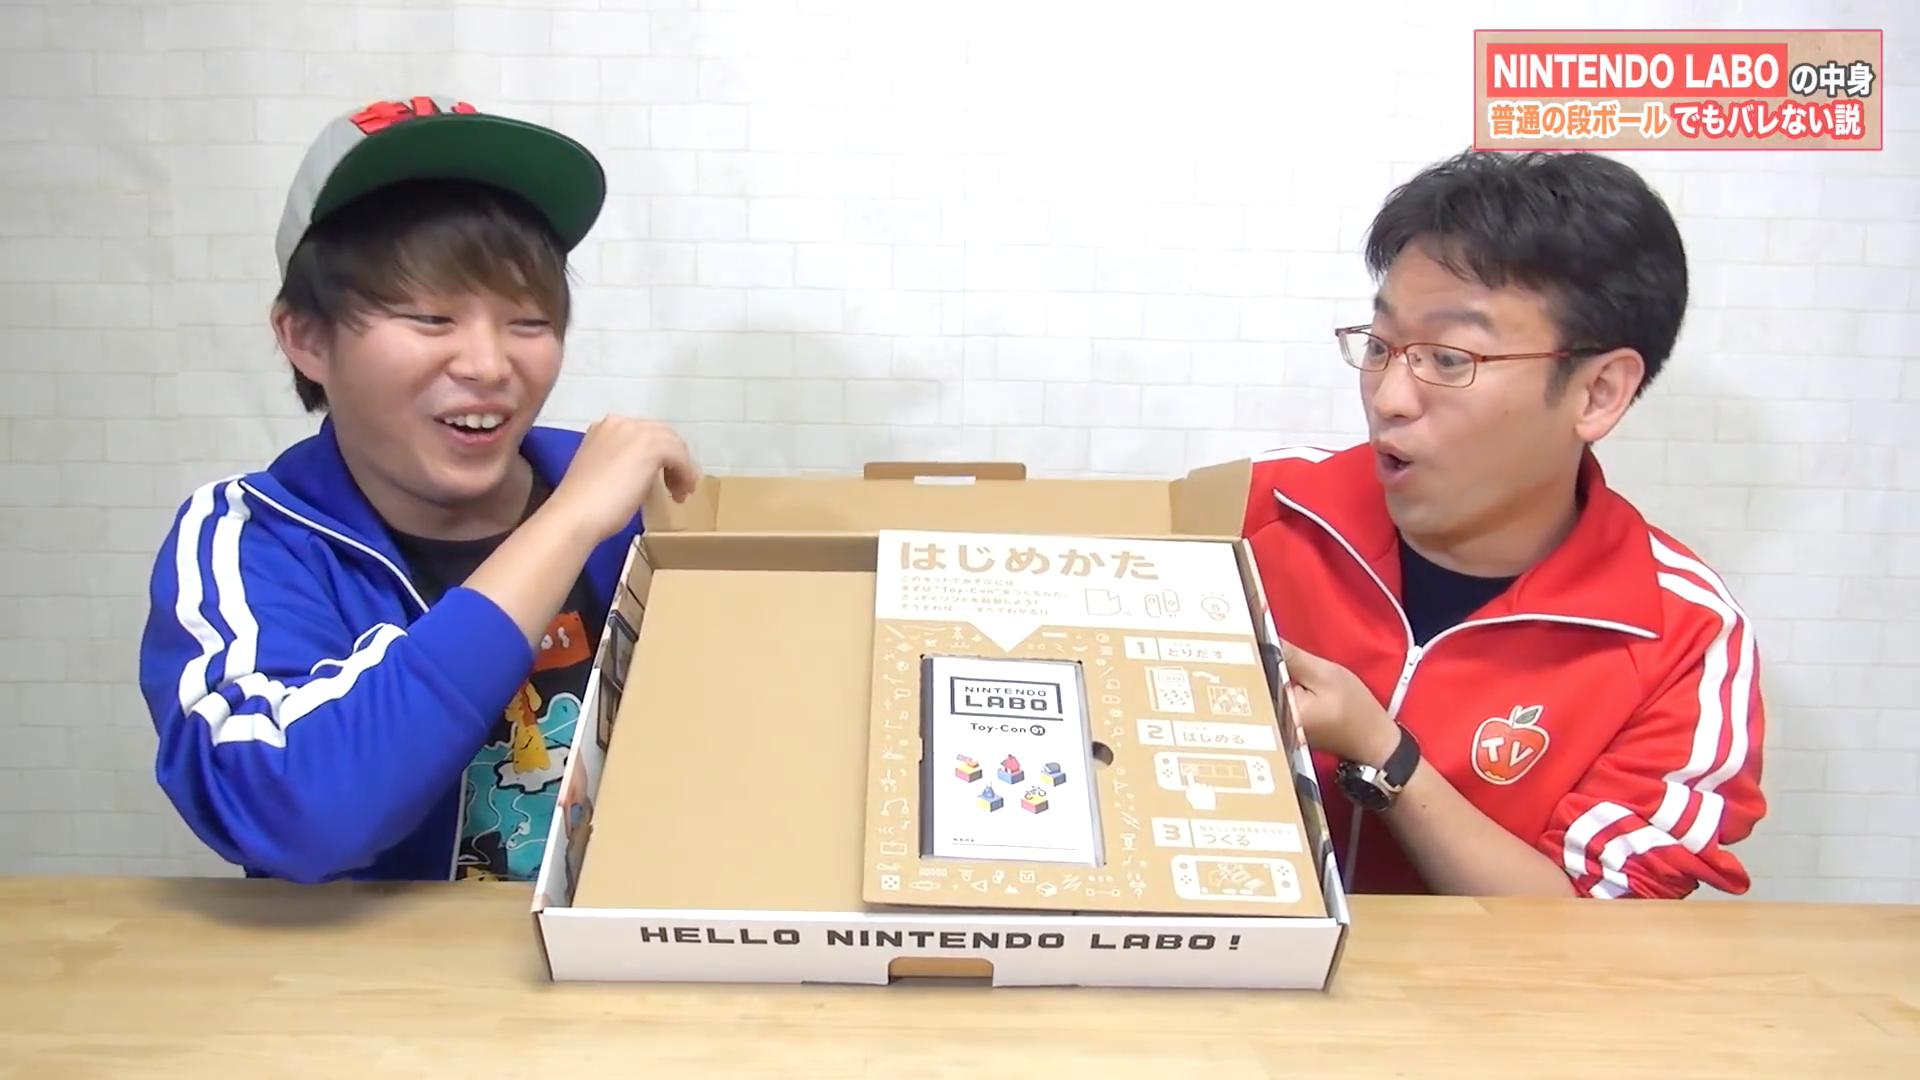 Famosos Youtubers japoneses estão postando vídeos sobre o Nintendo Labo